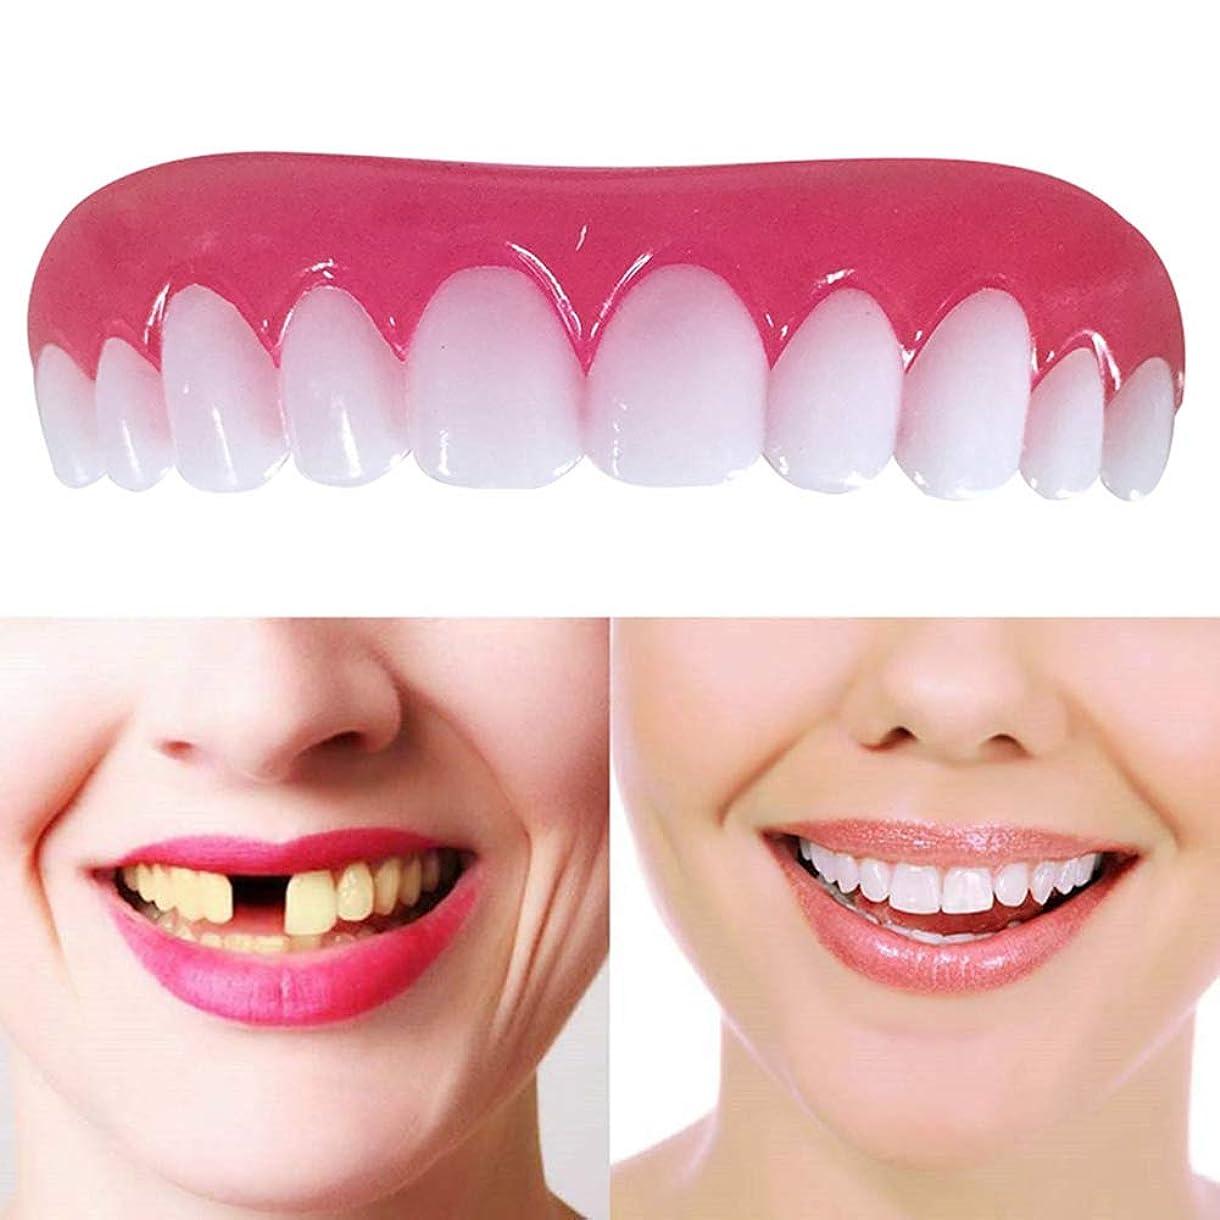 逆さまにお酢回転する2枚の義歯の上、Flexの化粧品のための適した美しい即刻の歯科ベニヤの笑顔の慰めの歯科入れ歯の歯の上の化粧のベニヤ